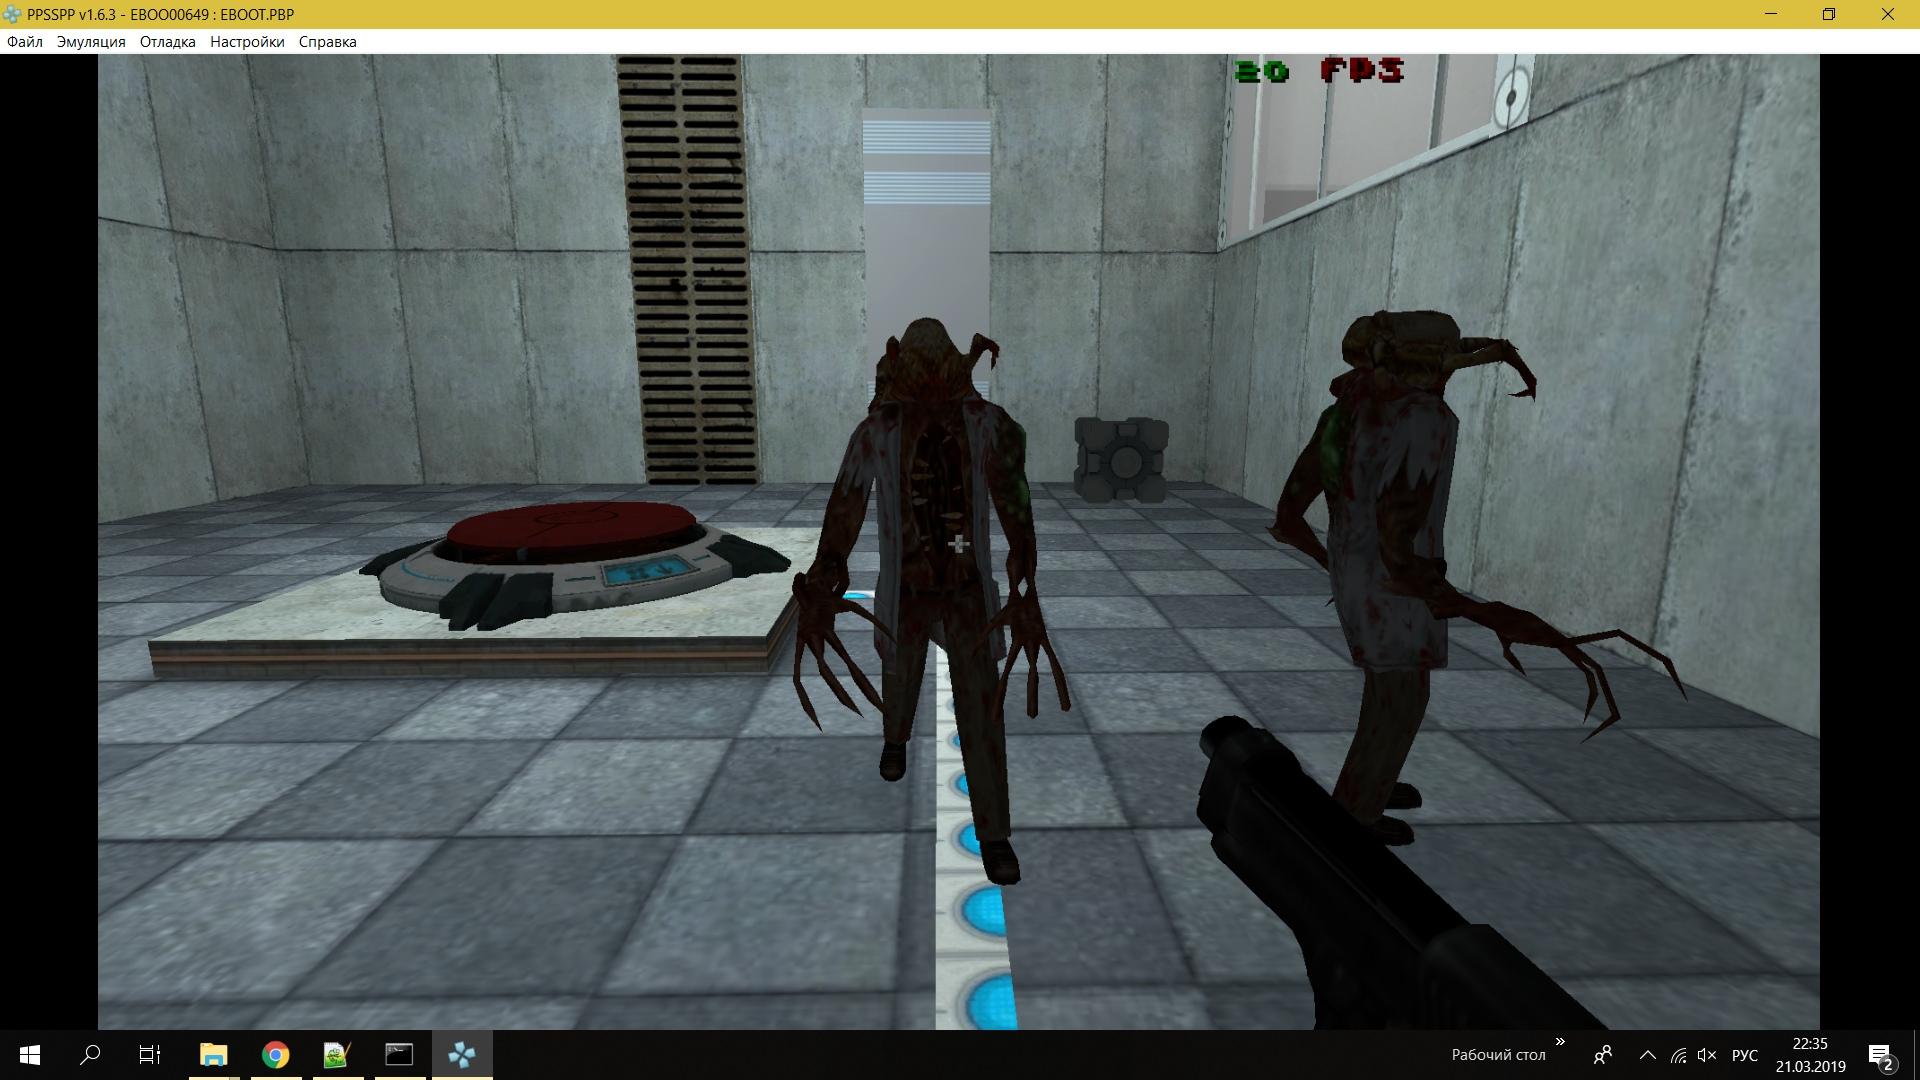 Quartal: a port portal on psp mod for Quake - Mod DB